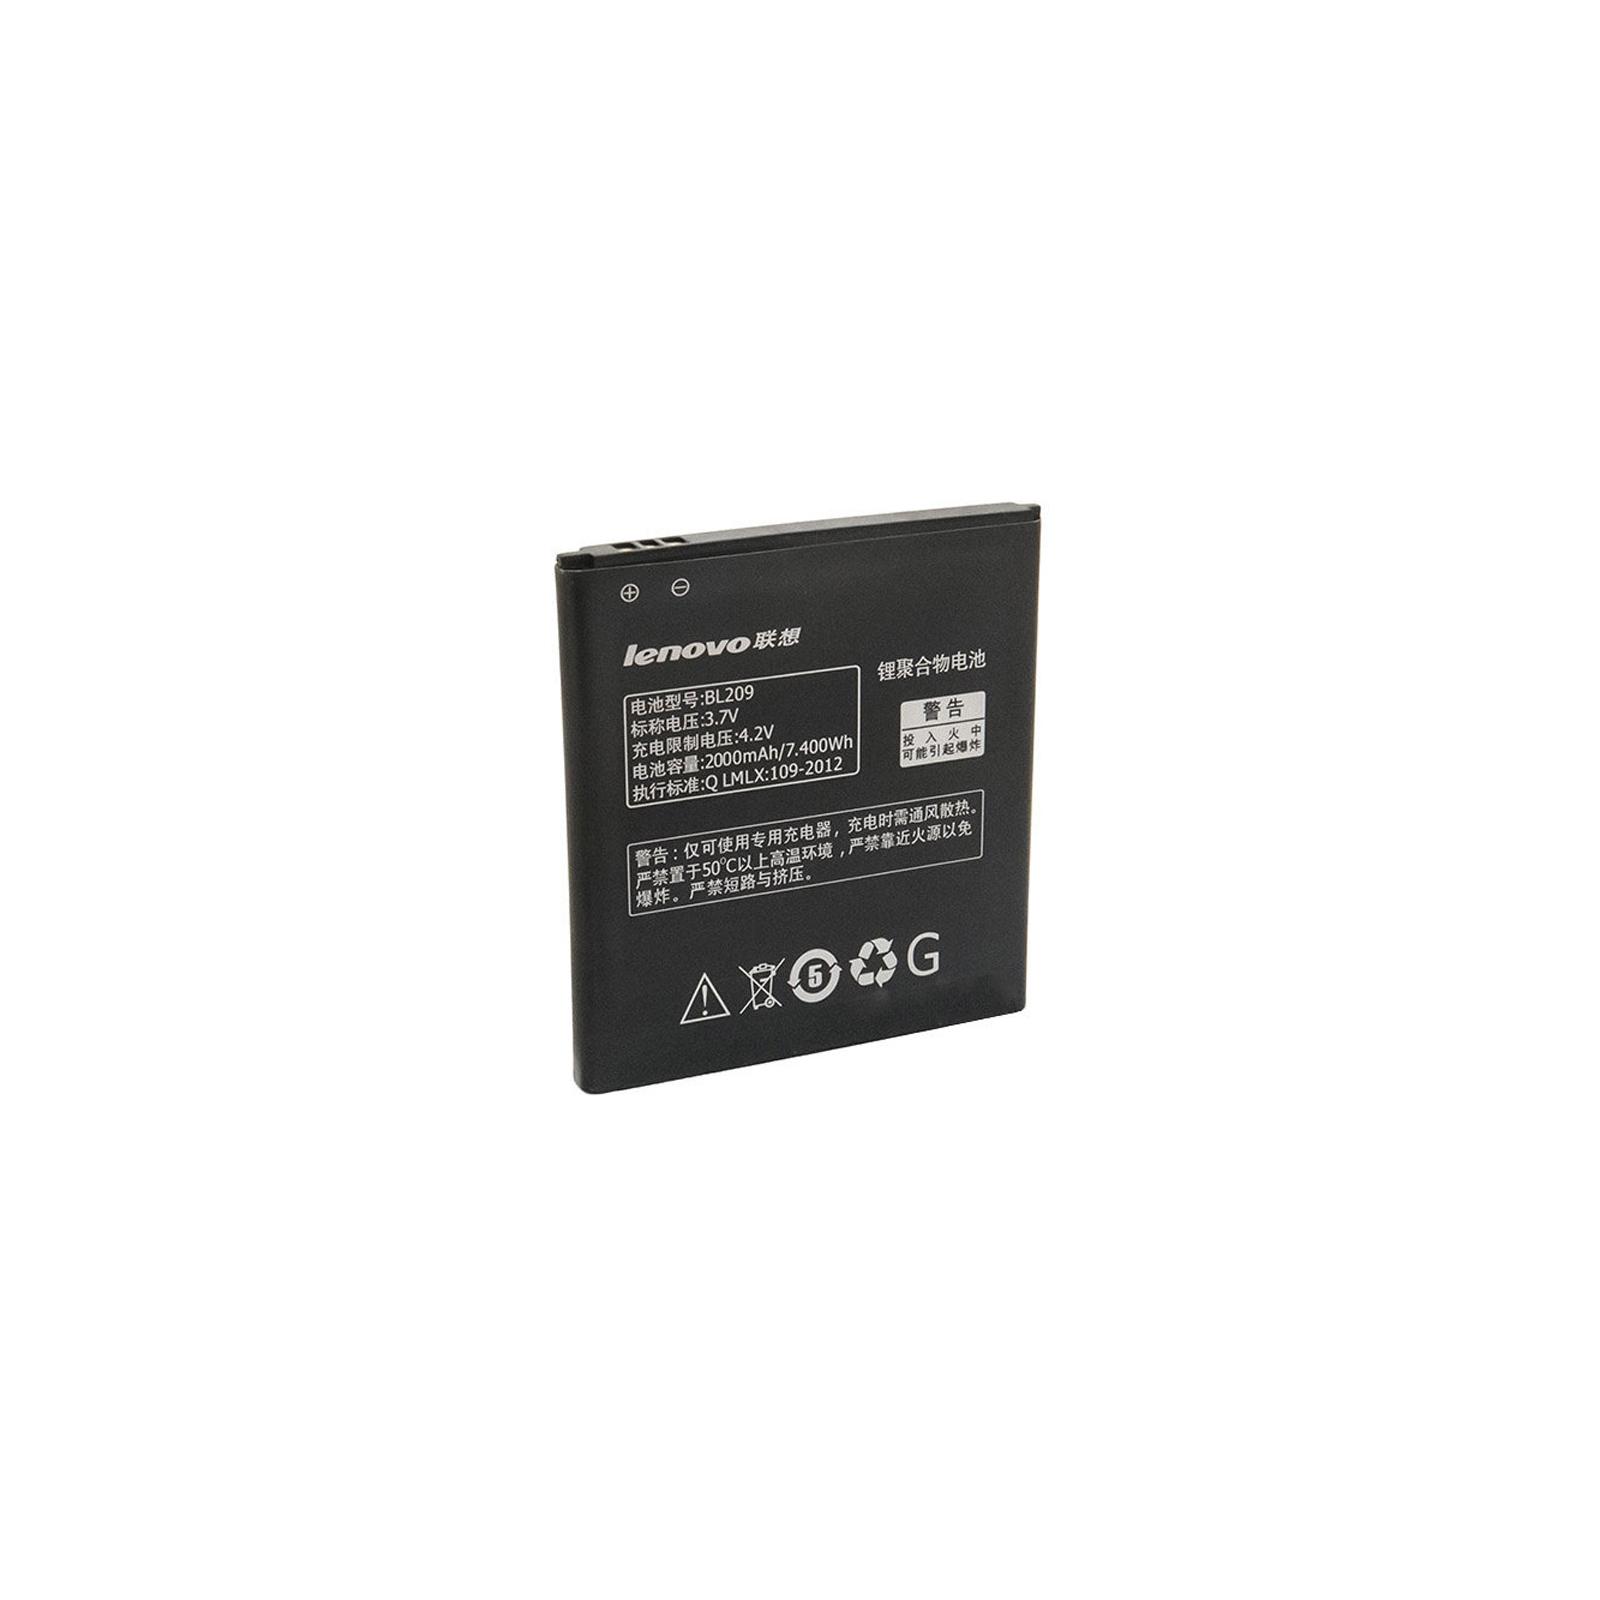 Аккумуляторная батарея Lenovo for A516 (BL-209 / 31747)